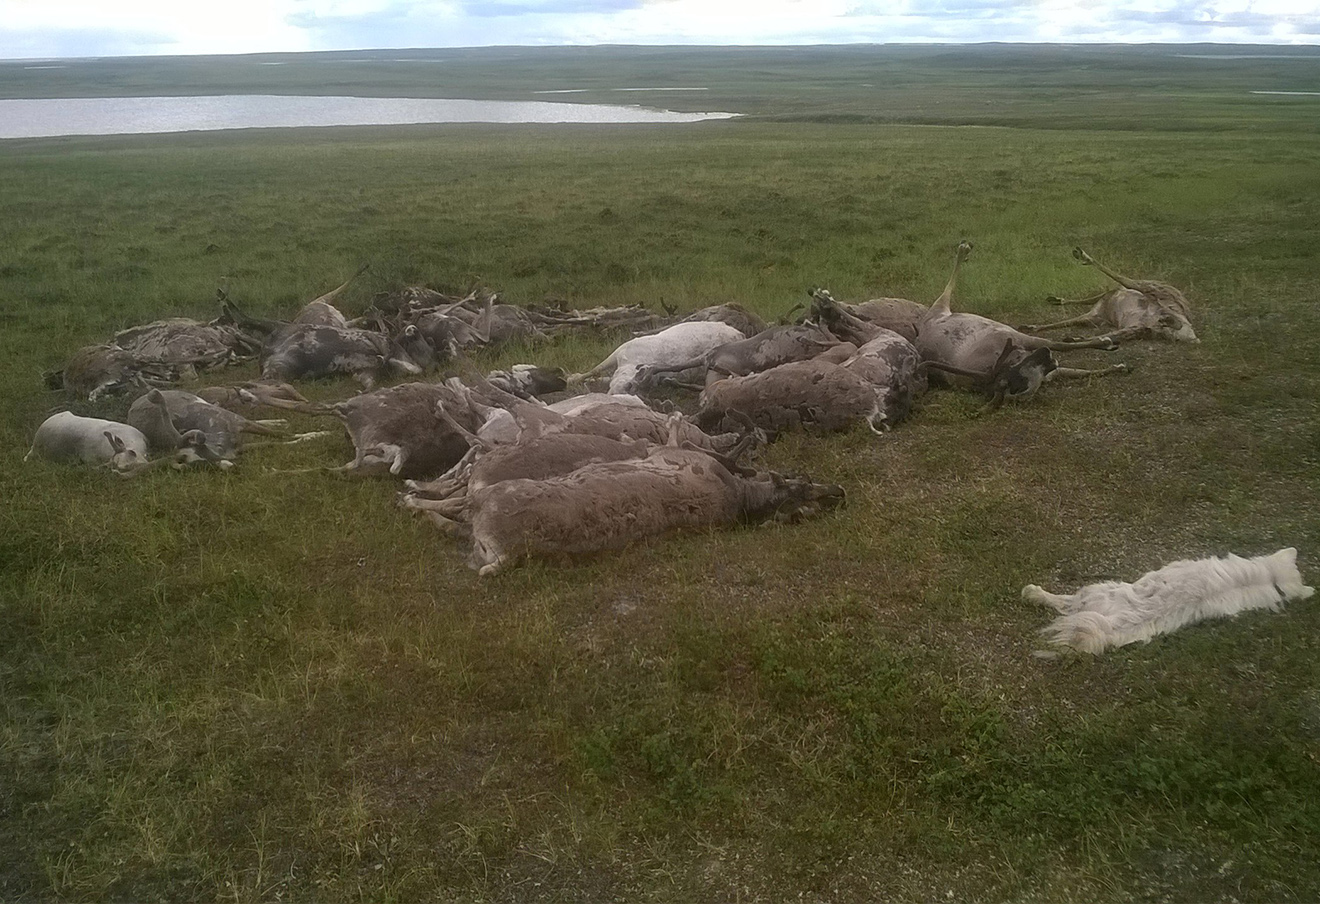 Олени и собака, по версии властей, погибшие от сибирской язвы. Фото: Бенуа Секюр